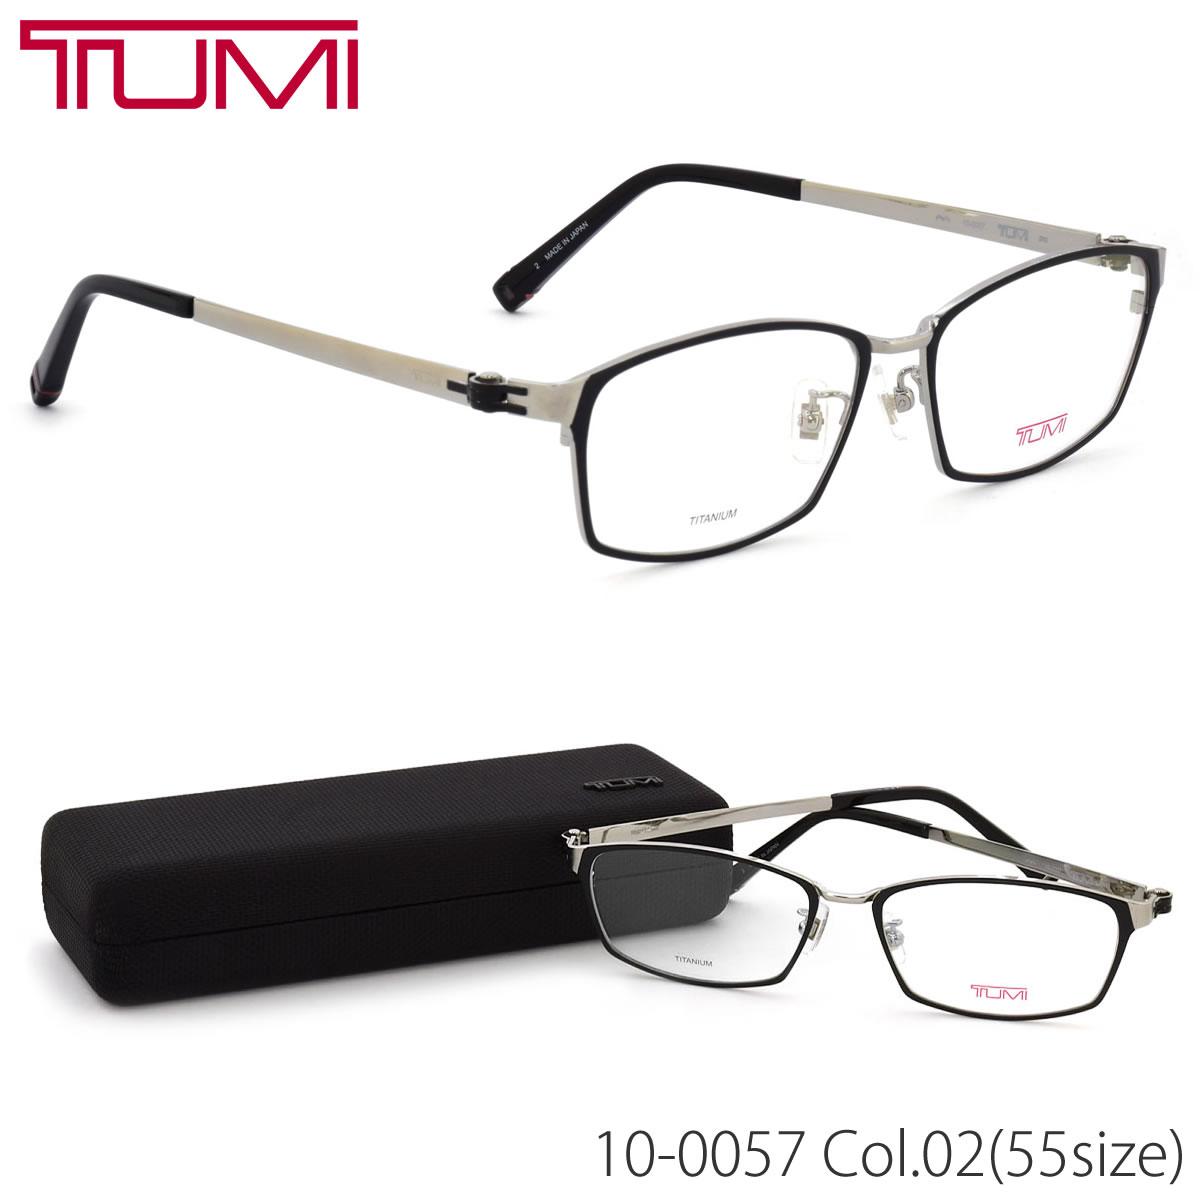 ポイント最大42倍!!お得なクーポンも !! トゥミ TUMI メガネ10-0057 02 55サイズスクエア チタニウム チタン 軽量 シンプル スマート ビジネストゥミ TUMI メンズ レディース